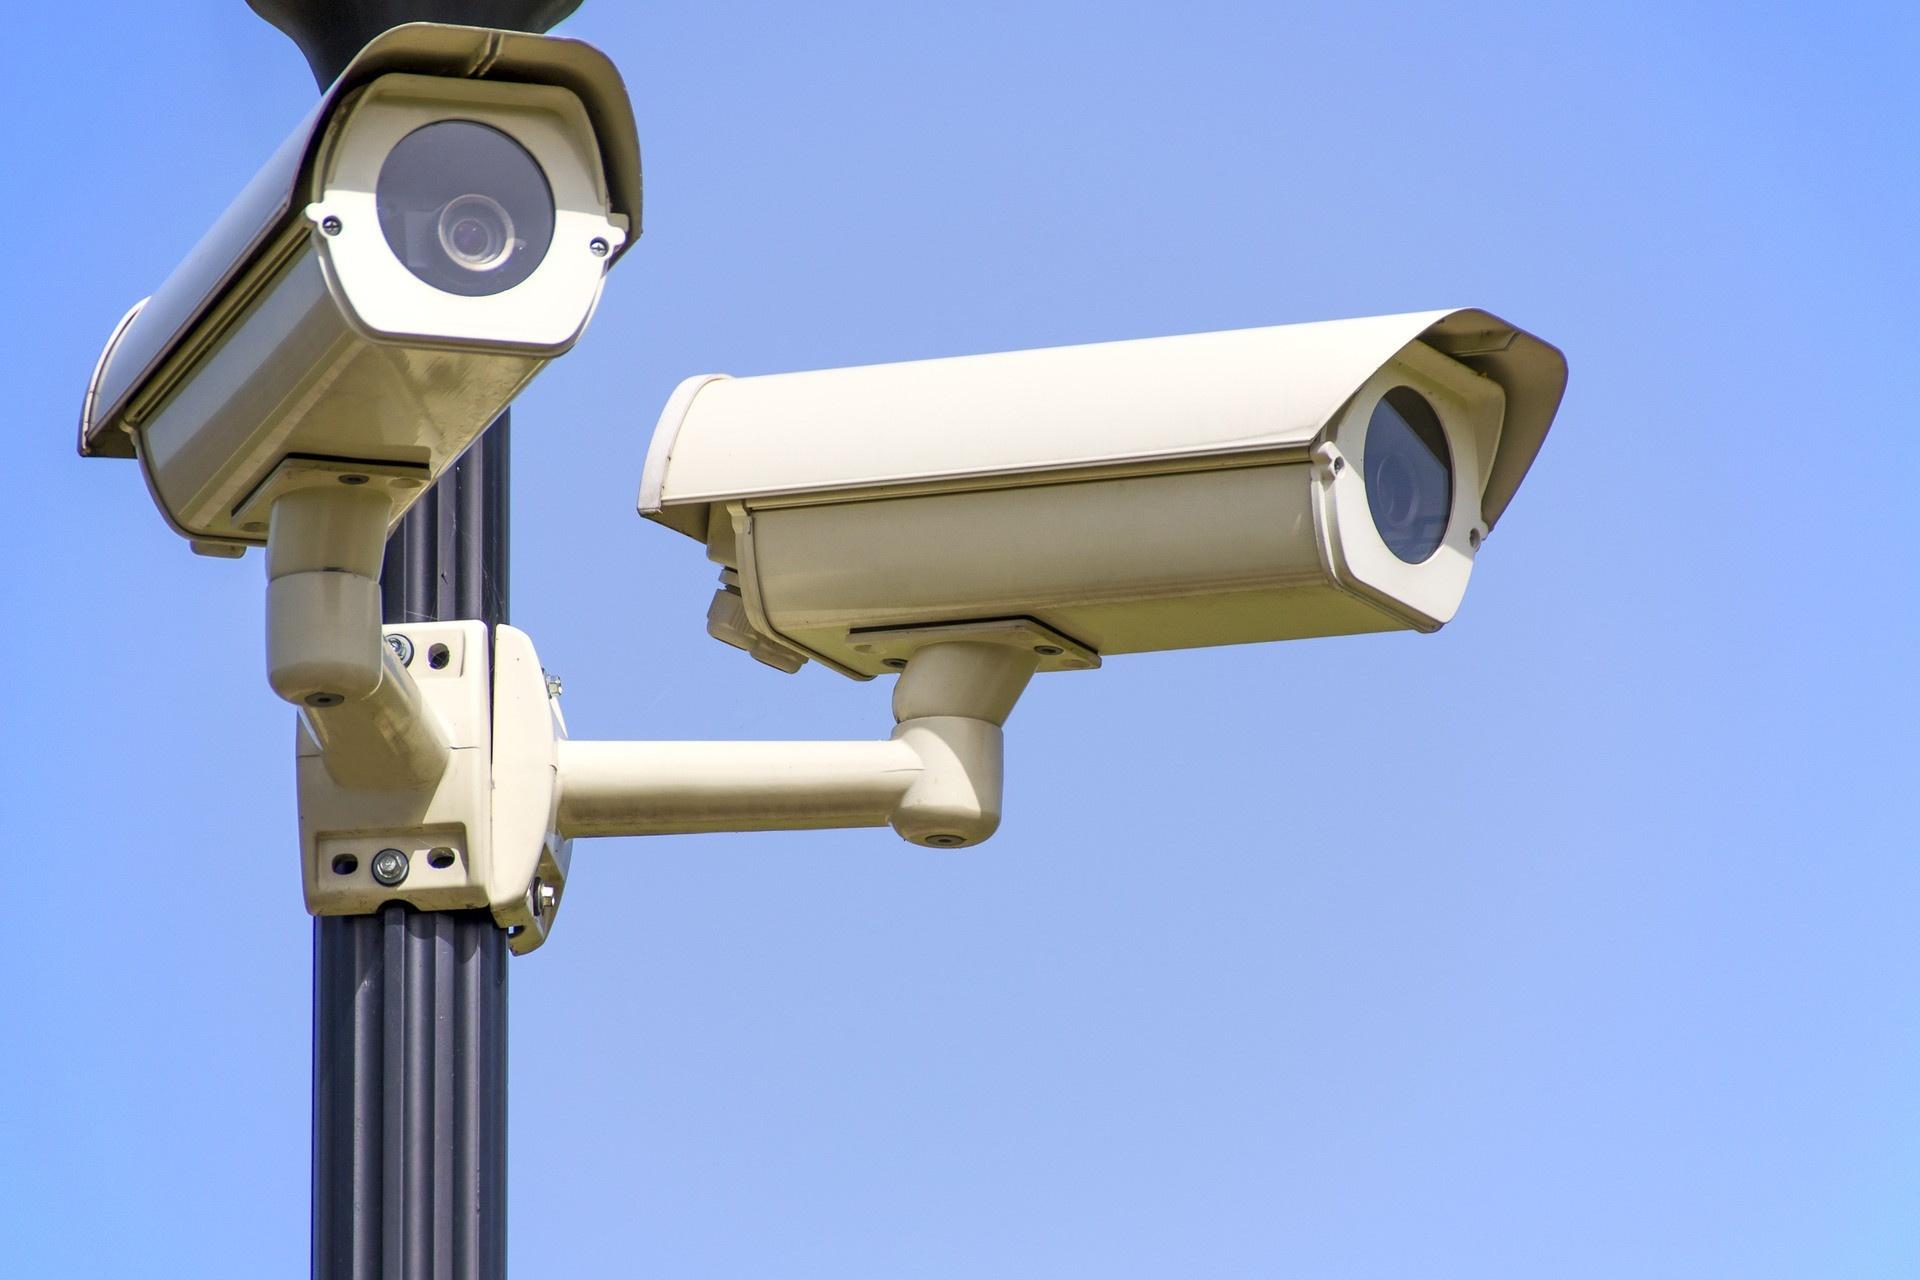 You are currently viewing Contributi per l'installazione di antifurto o video sorveglianza – scade 15 ottobre